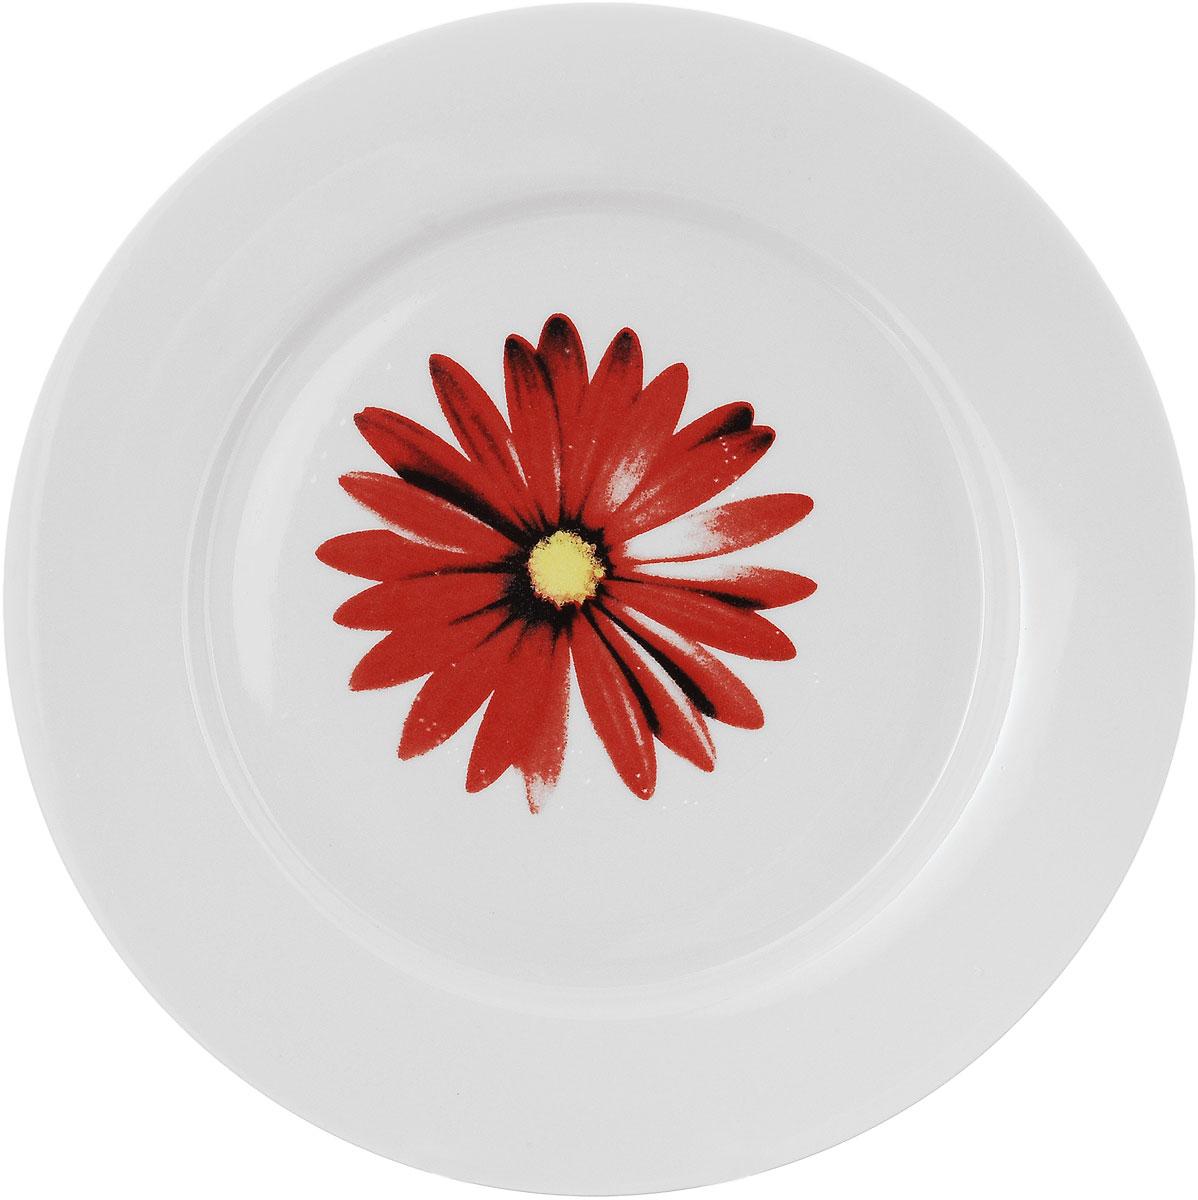 Тарелка Фарфор Вербилок Ромашка, диаметр 24 см115510Тарелка Фарфор Вербилок Ромашка, изготовленная из высококачественного фарфора, имеет классическую круглую форму. Она прекрасно впишется в интерьер вашей кухни и станет достойным дополнением к кухонному инвентарю. Тарелка Фарфор Вербилок Ромашка подчеркнет прекрасный вкус хозяйки и станет отличным подарком.Диаметр тарелки (по верхнему краю): 24 см.